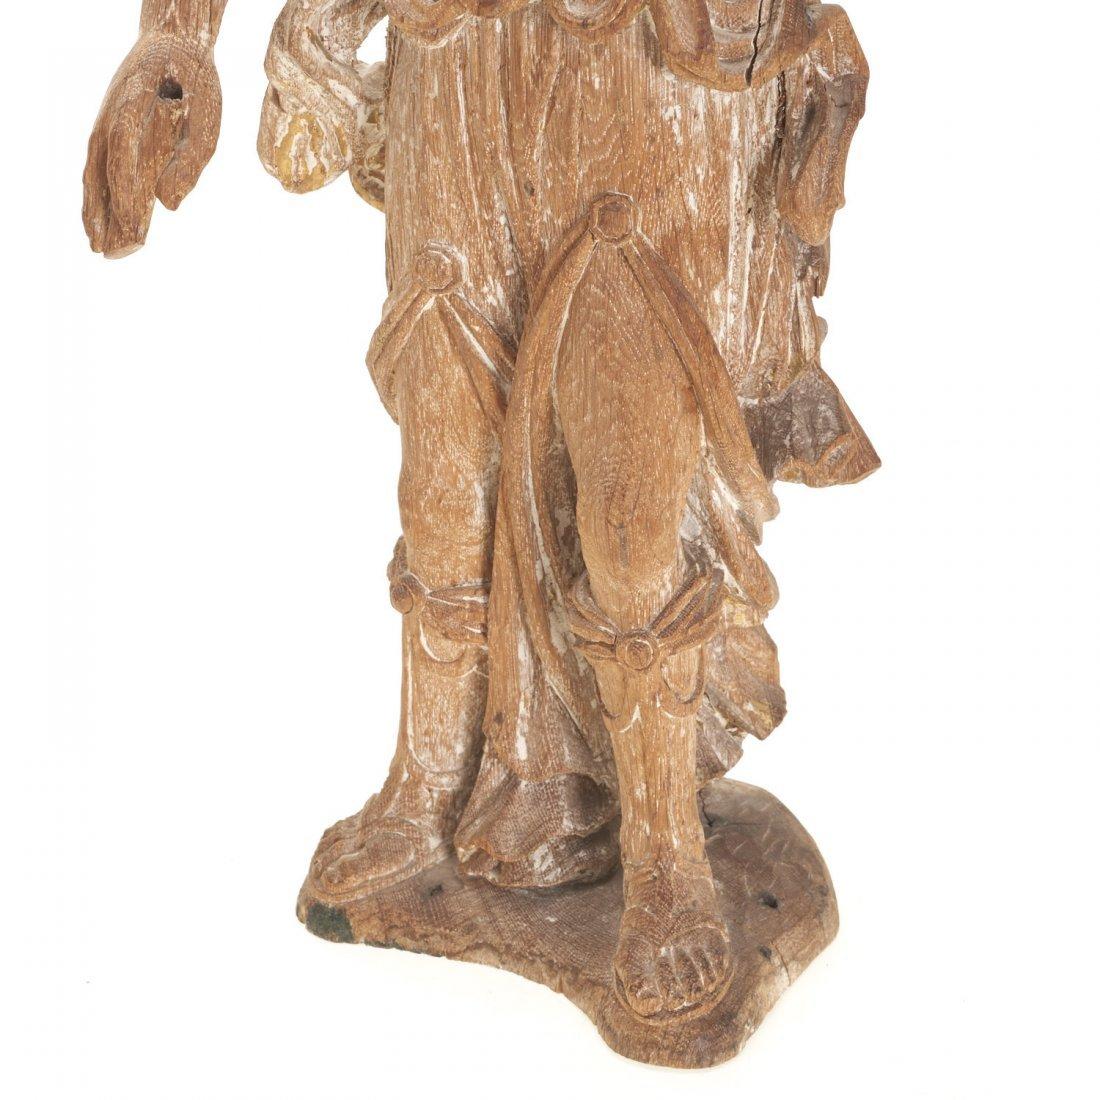 Pr Antique Continental carved, cerused oak angels - 3